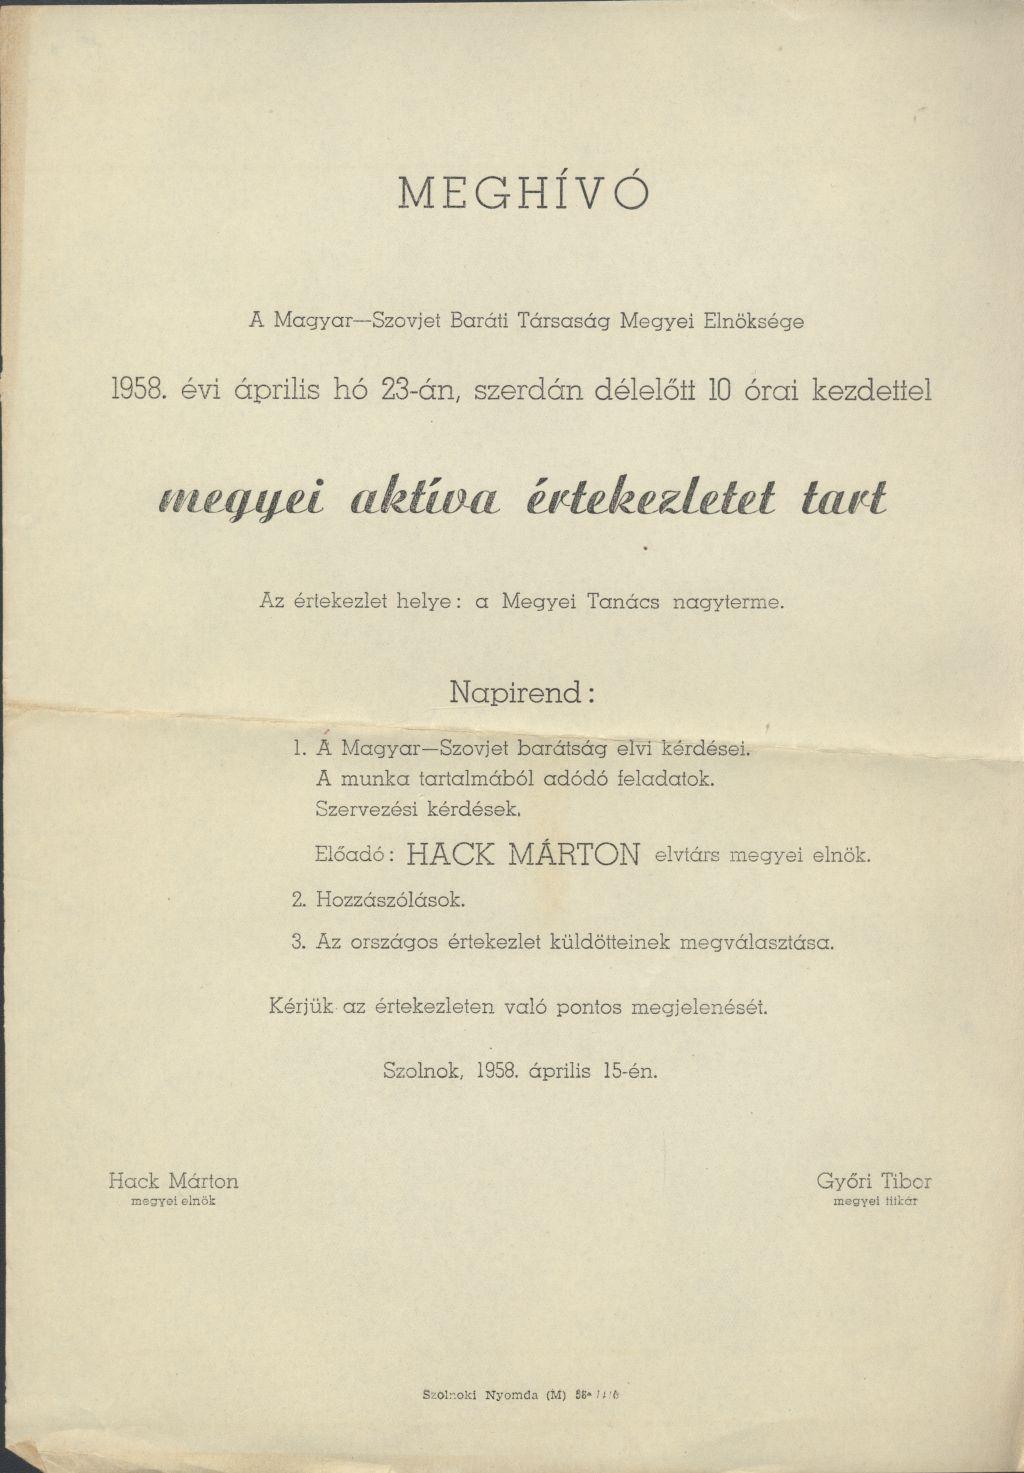 A Magyar-Szovjet Baráti Társaság Megyei Elnöksége megyei aktíva értekezletet tart